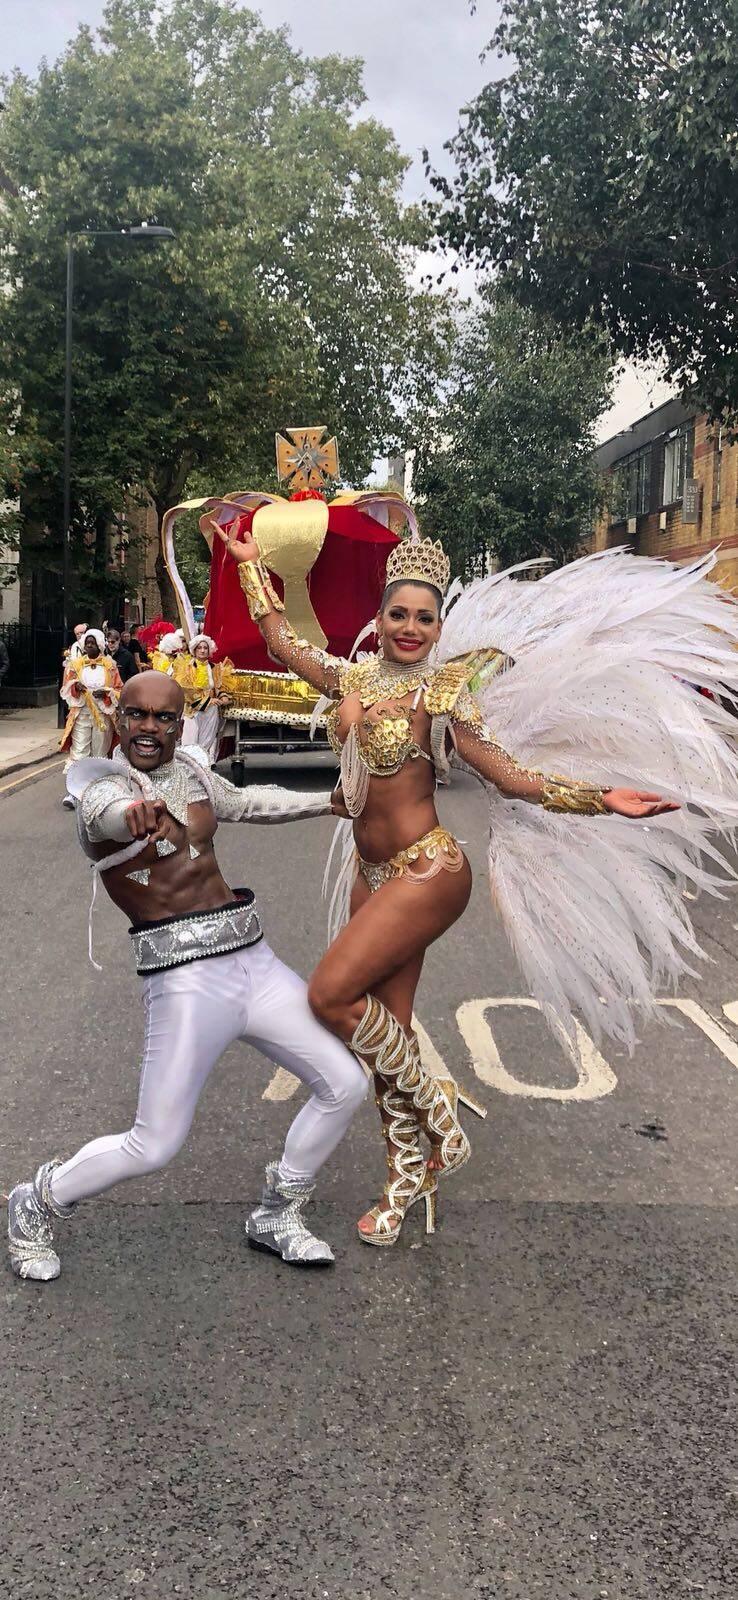 Ana Paula Evangelista foi rainha em desfile no carnaval de Londres. Foto: Divulgação